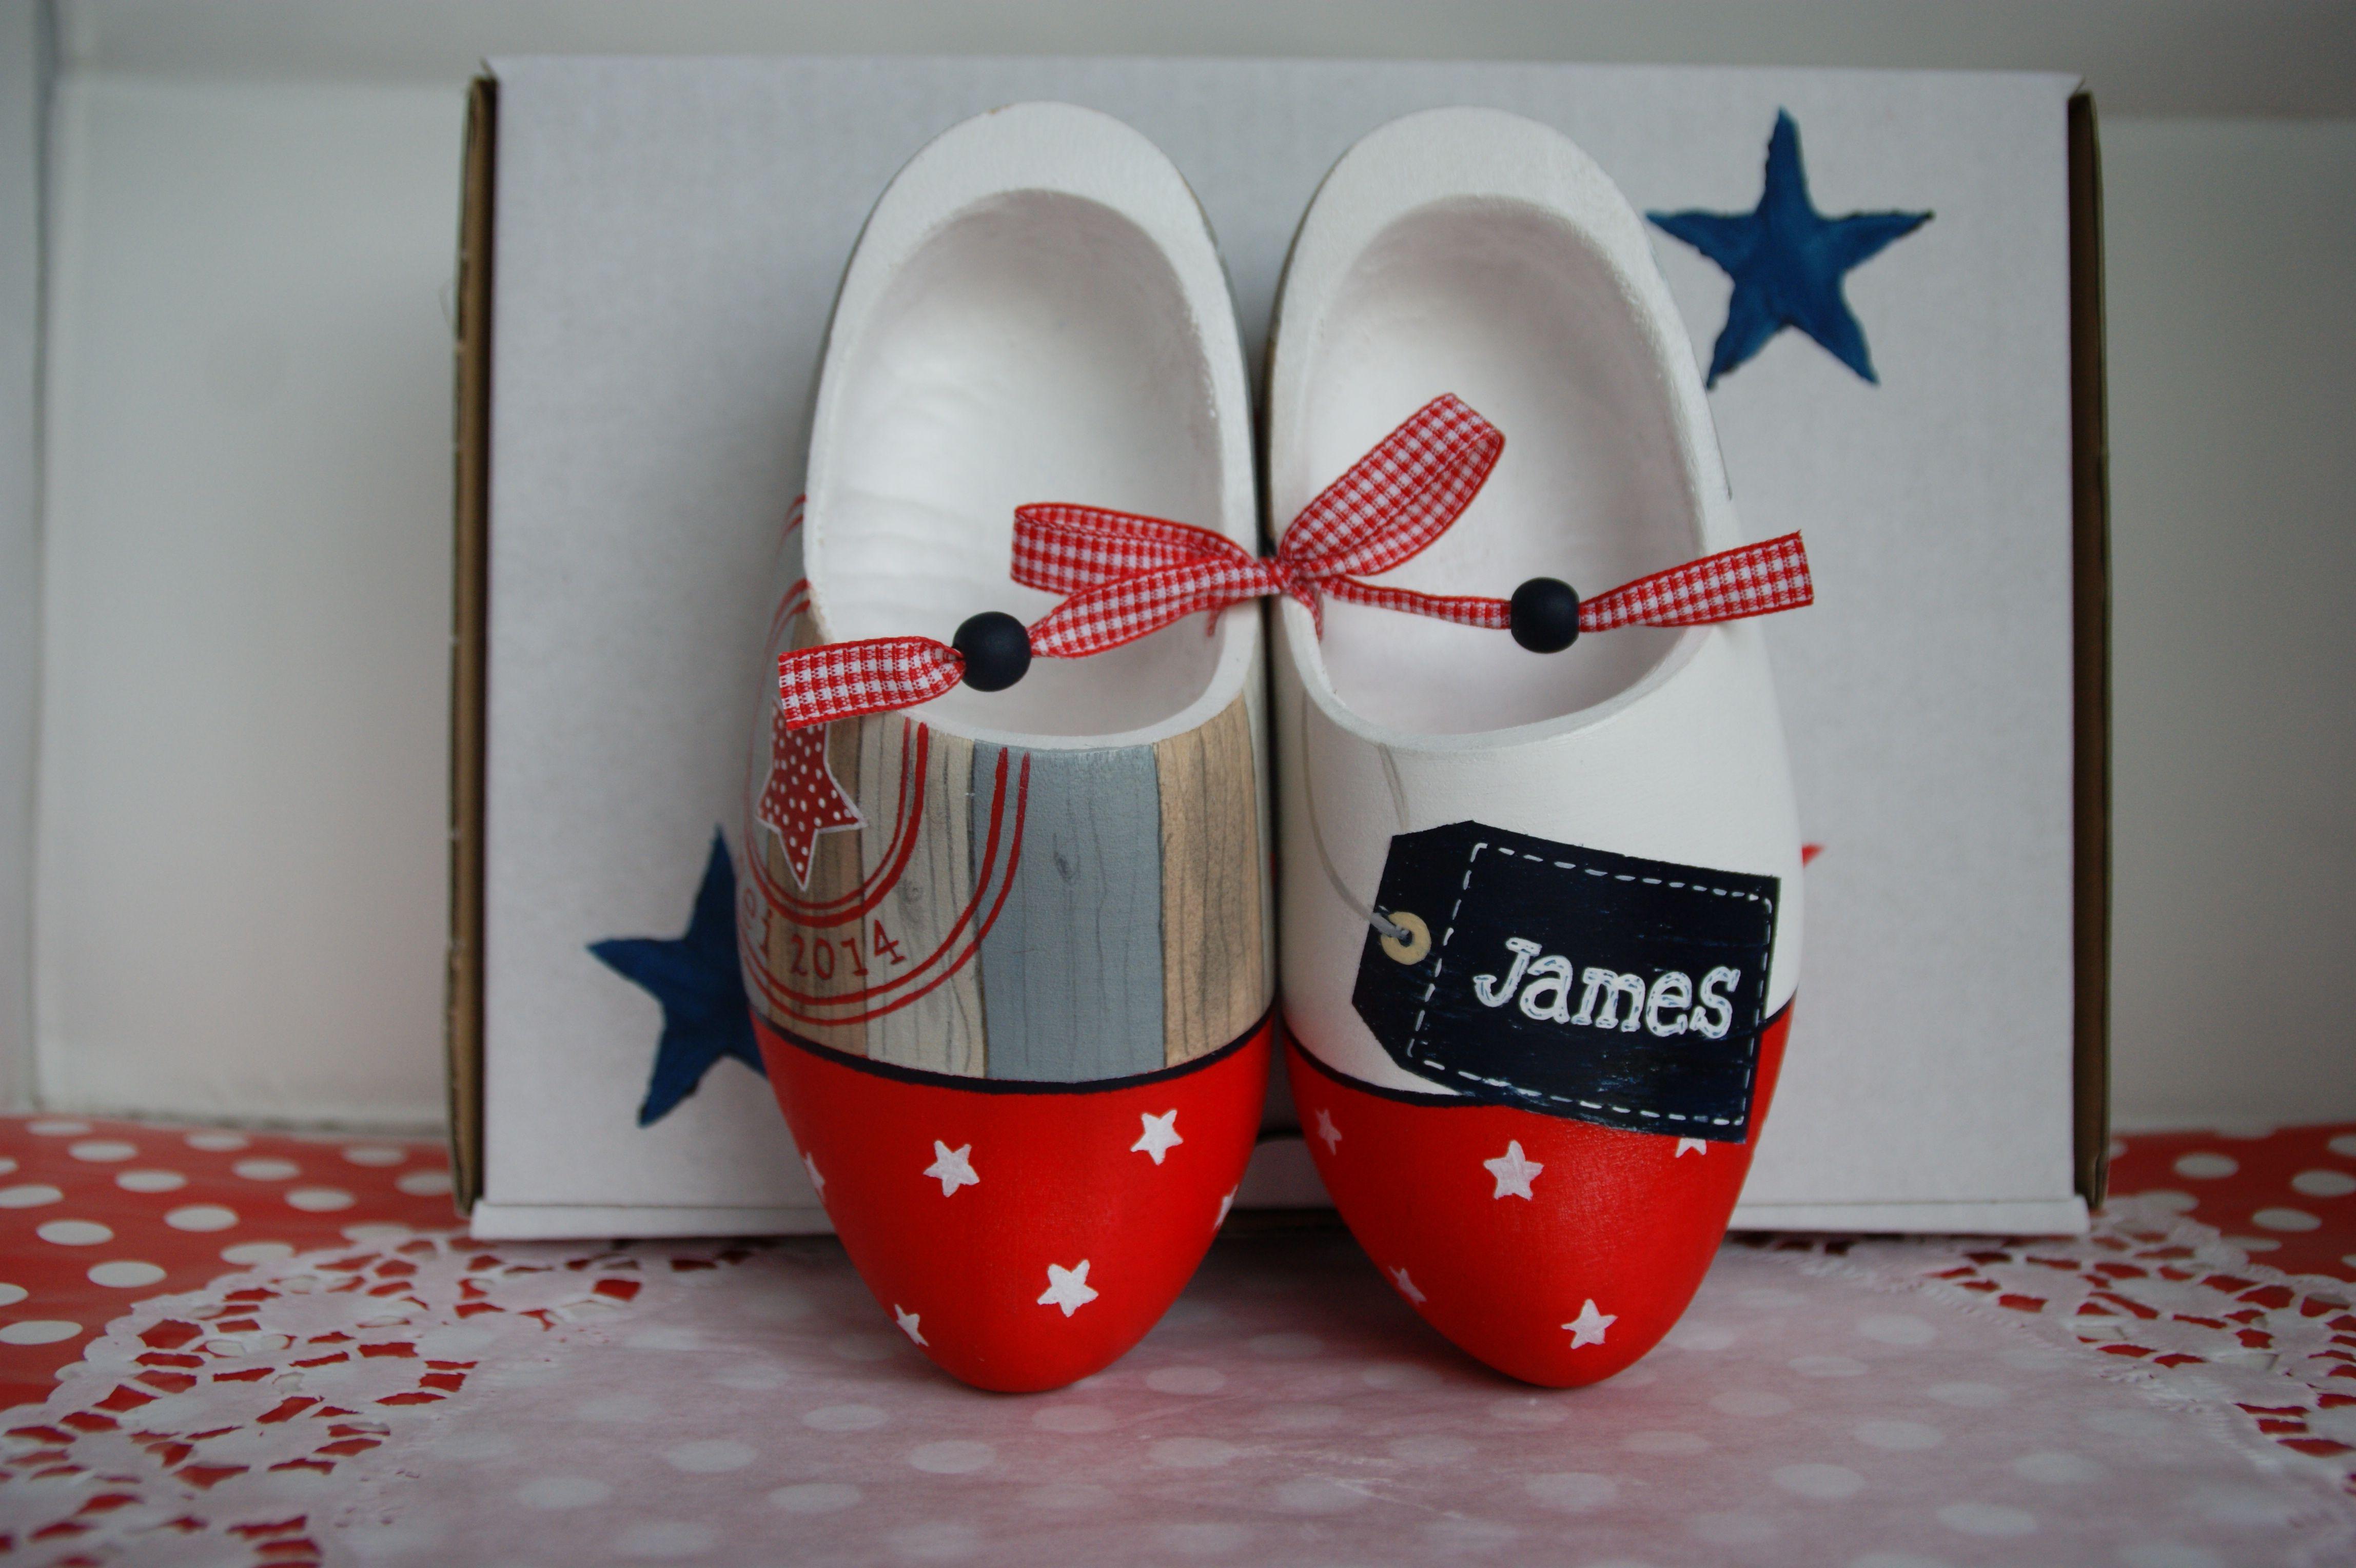 Geboorteklompjes met sterren voor James